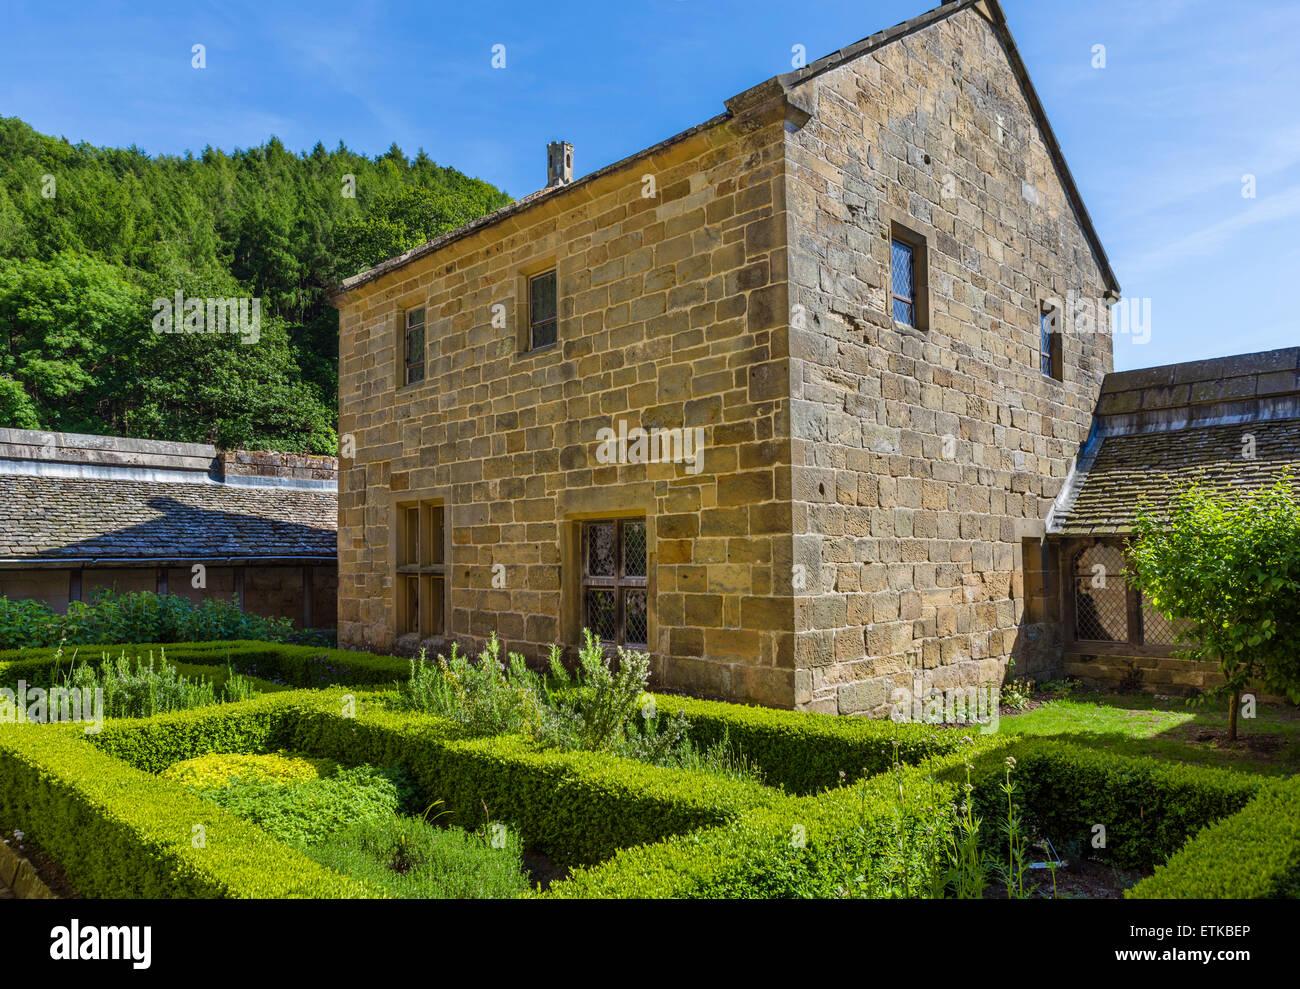 Vista dal giardino privato di una ricostruzione di un monaco della cella nel priorato dei Certosini di Mount Grace, Immagini Stock